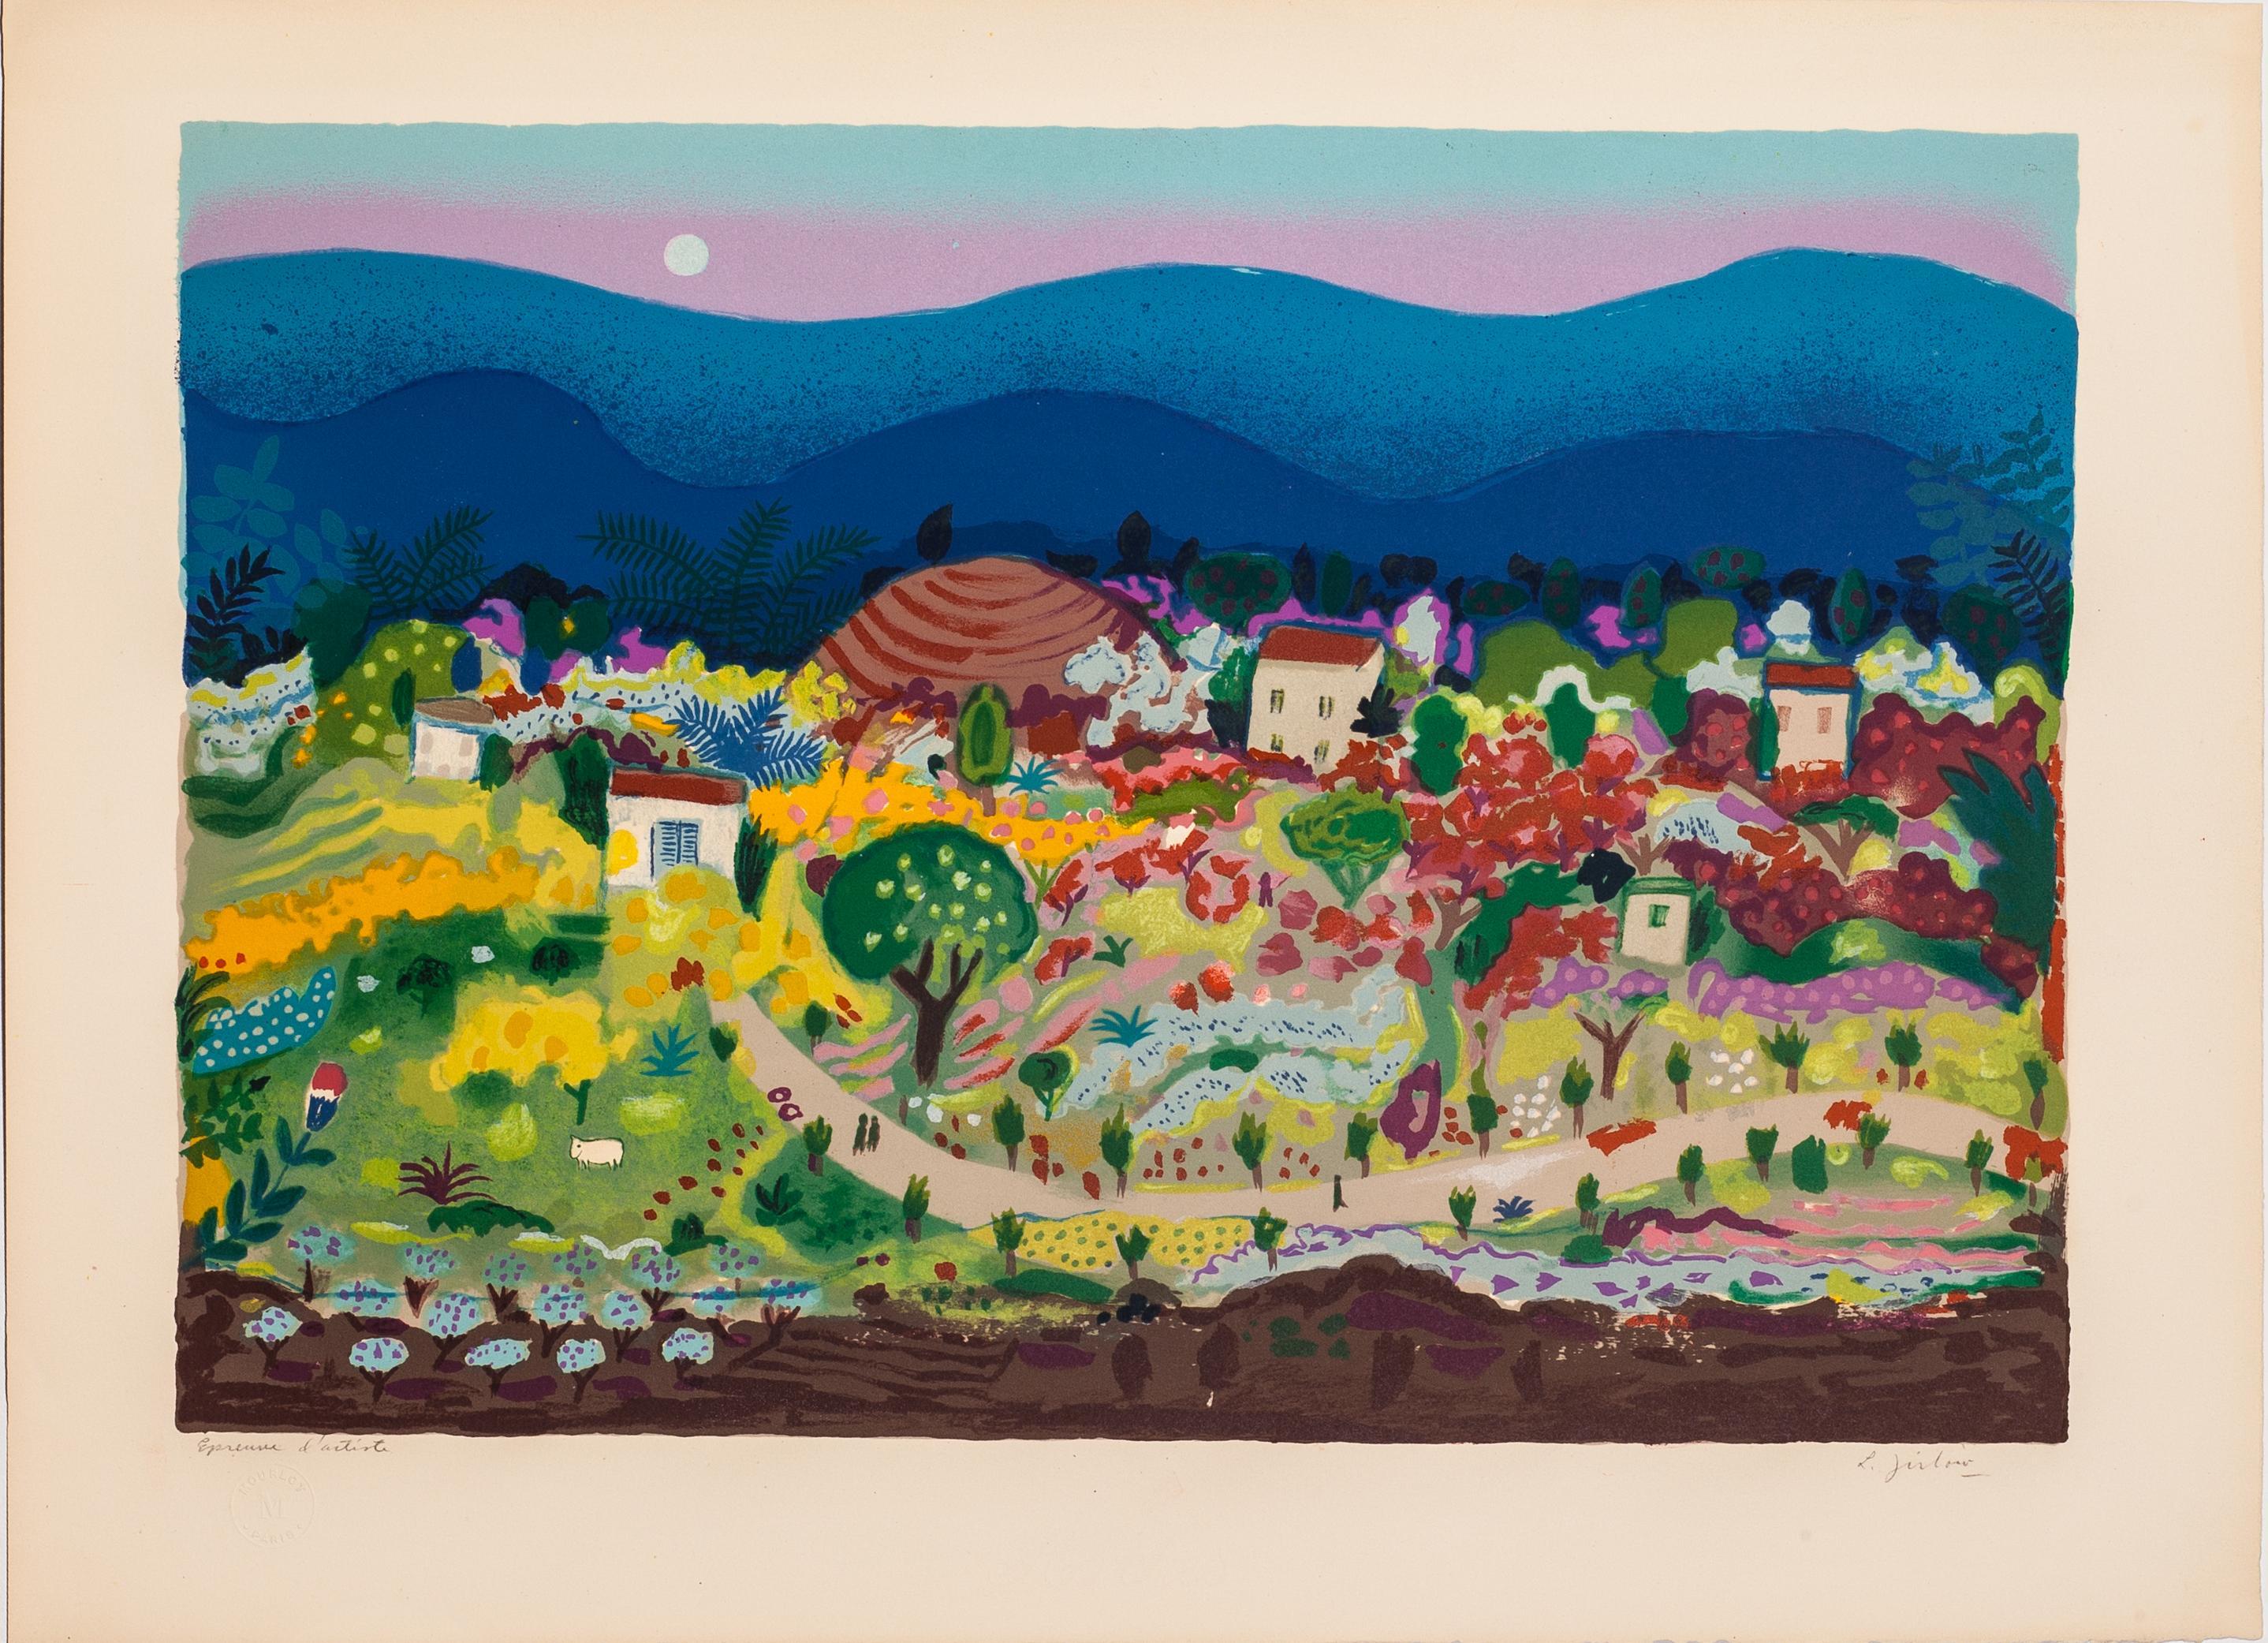 Da blå bergen (blue mountains) by Lennart Jirlow